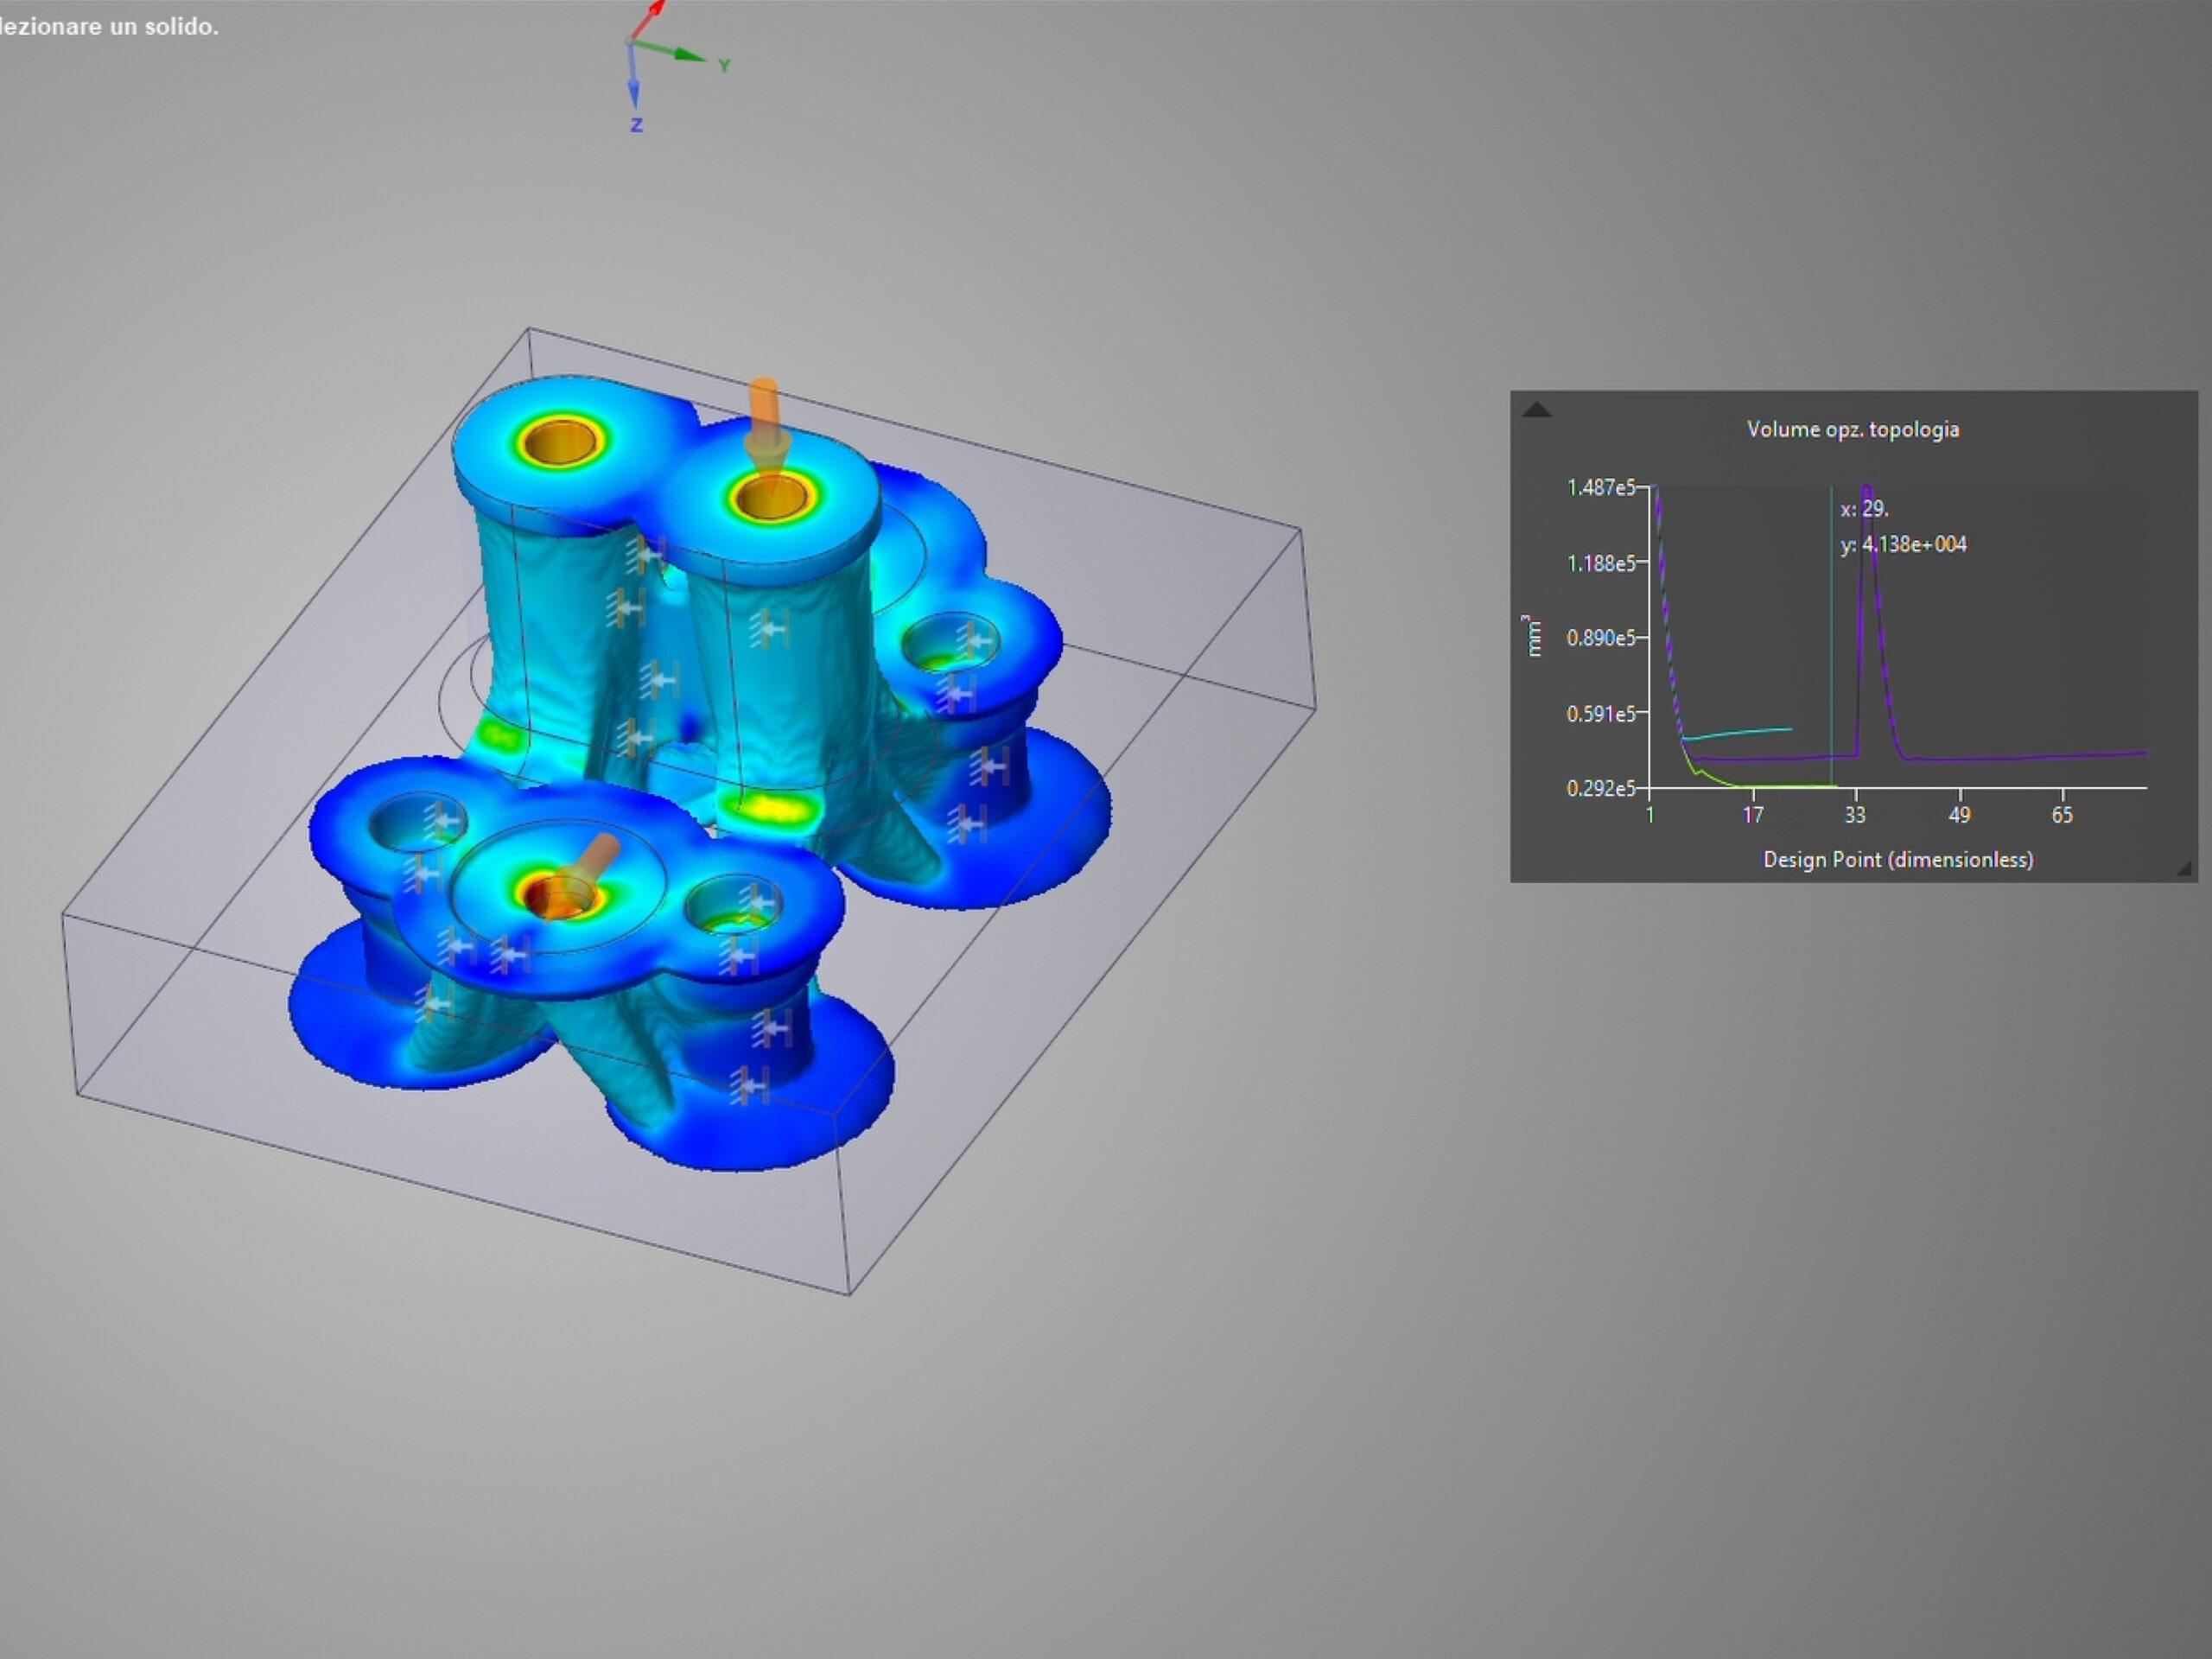 ottimizzazione_topologica_aidro_3dmetal_3dprinting2